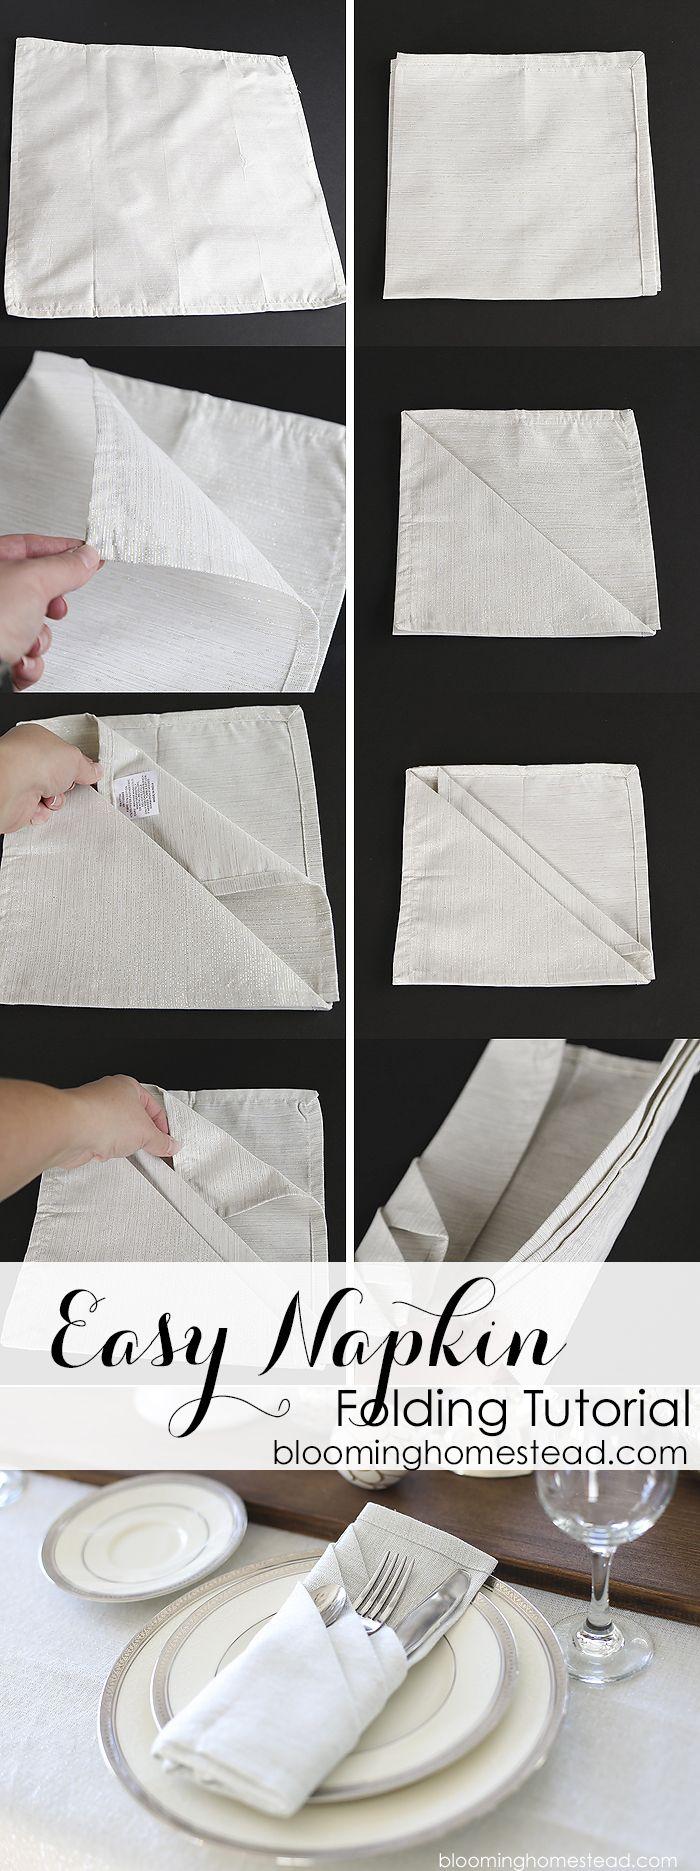 La manera más simple y elegante para doblar servilletas de tela no podría ser más fácil!  Tutorial paso a paso para doblar servilletas fácilmente para cualquier evento.